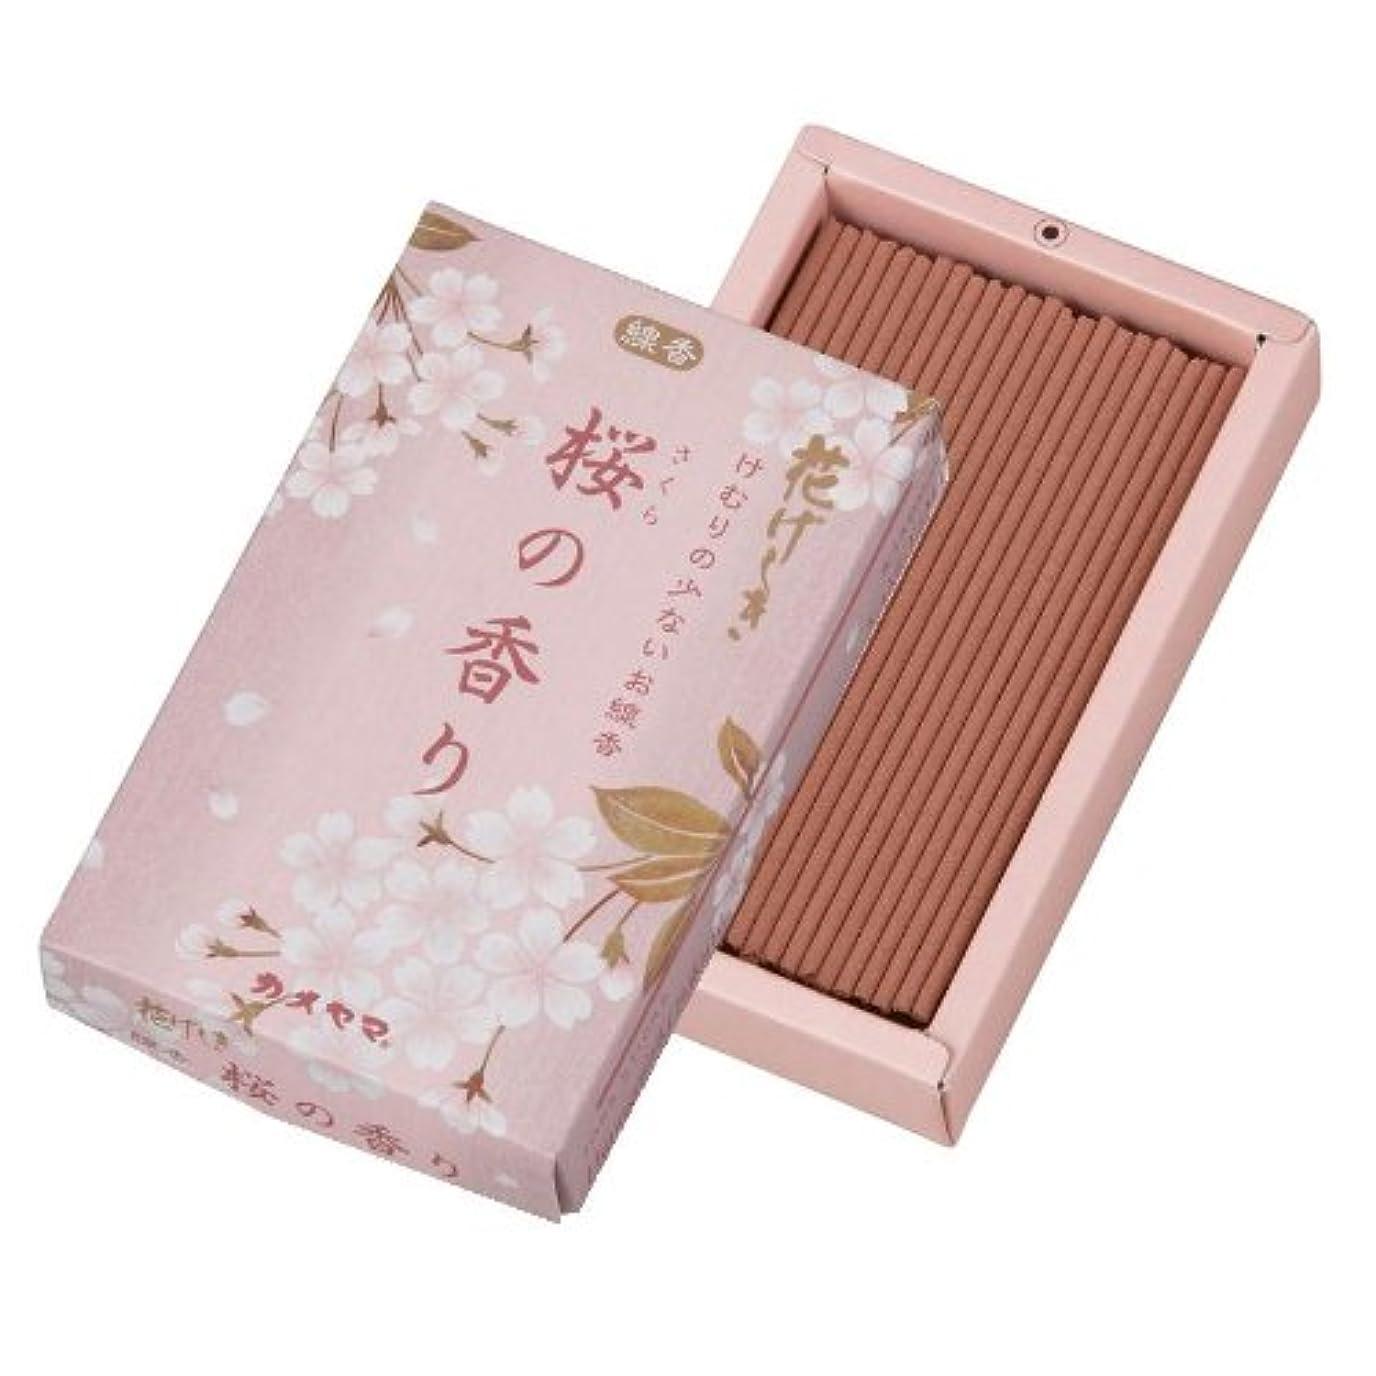 可動追加する明快花げしき 桜の香りミニ寸 50g